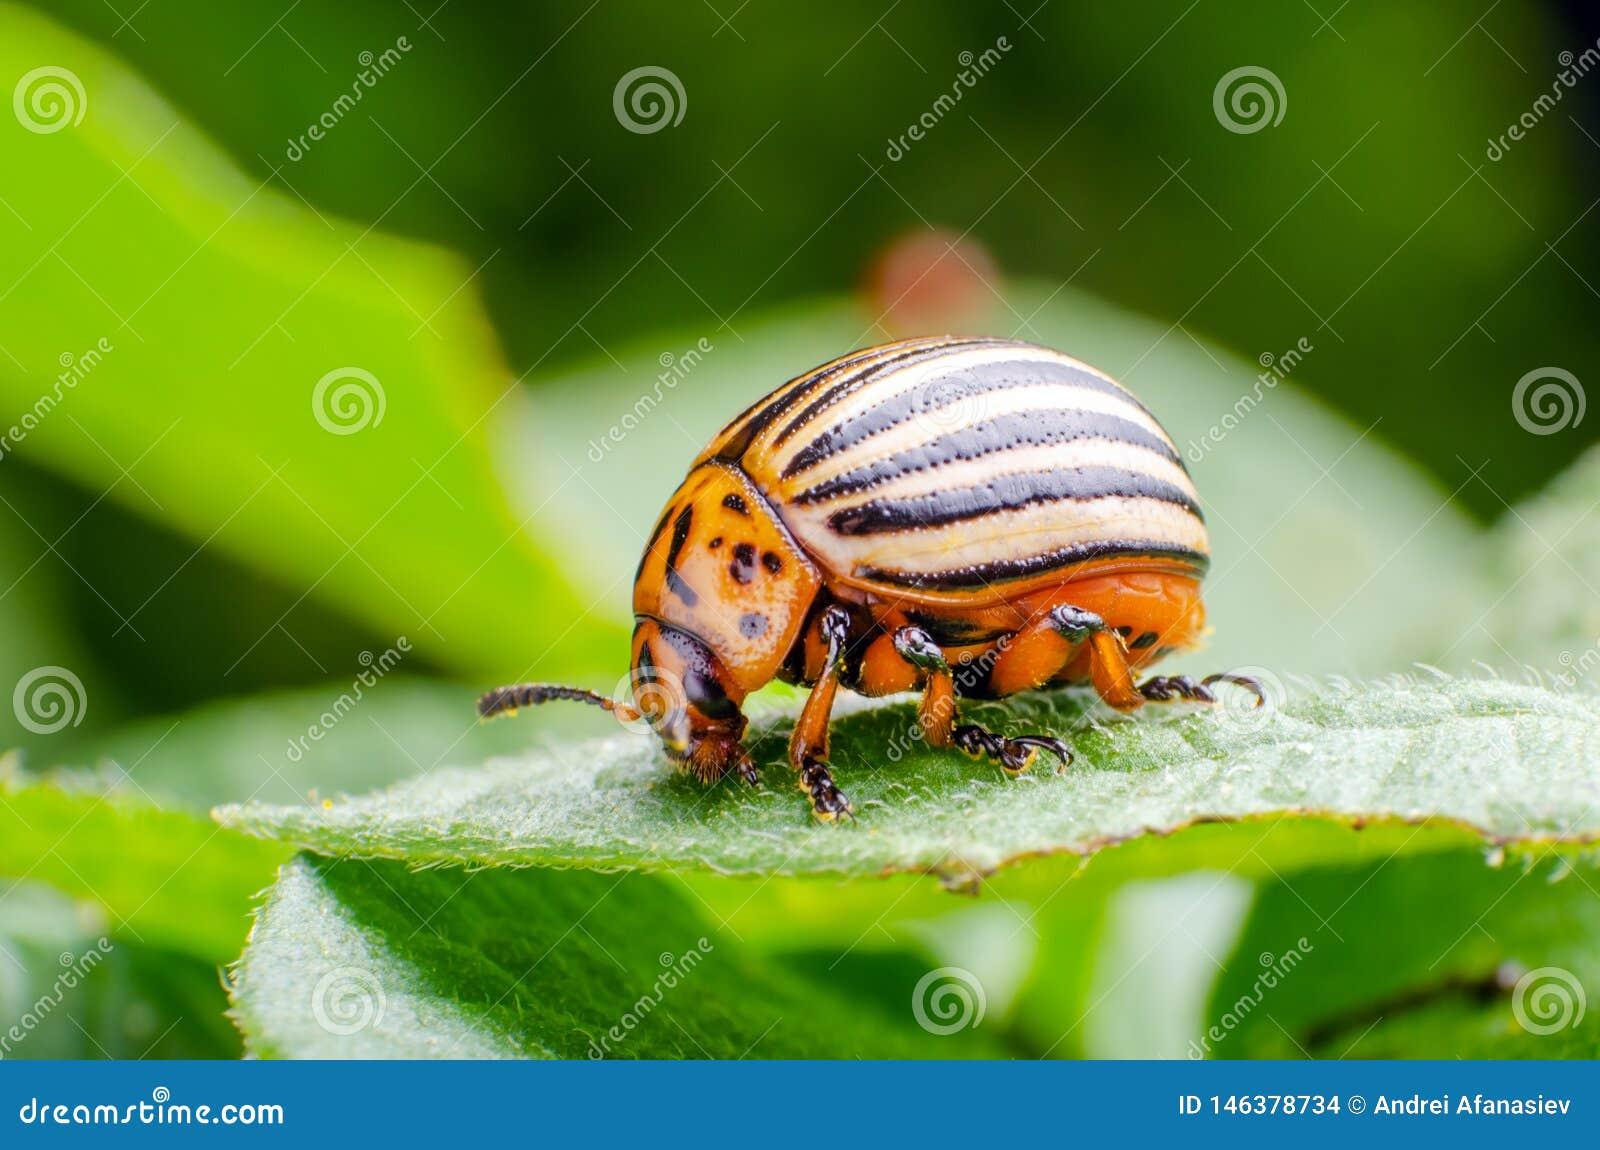 Colorado potato beetle crawling on potato leaves